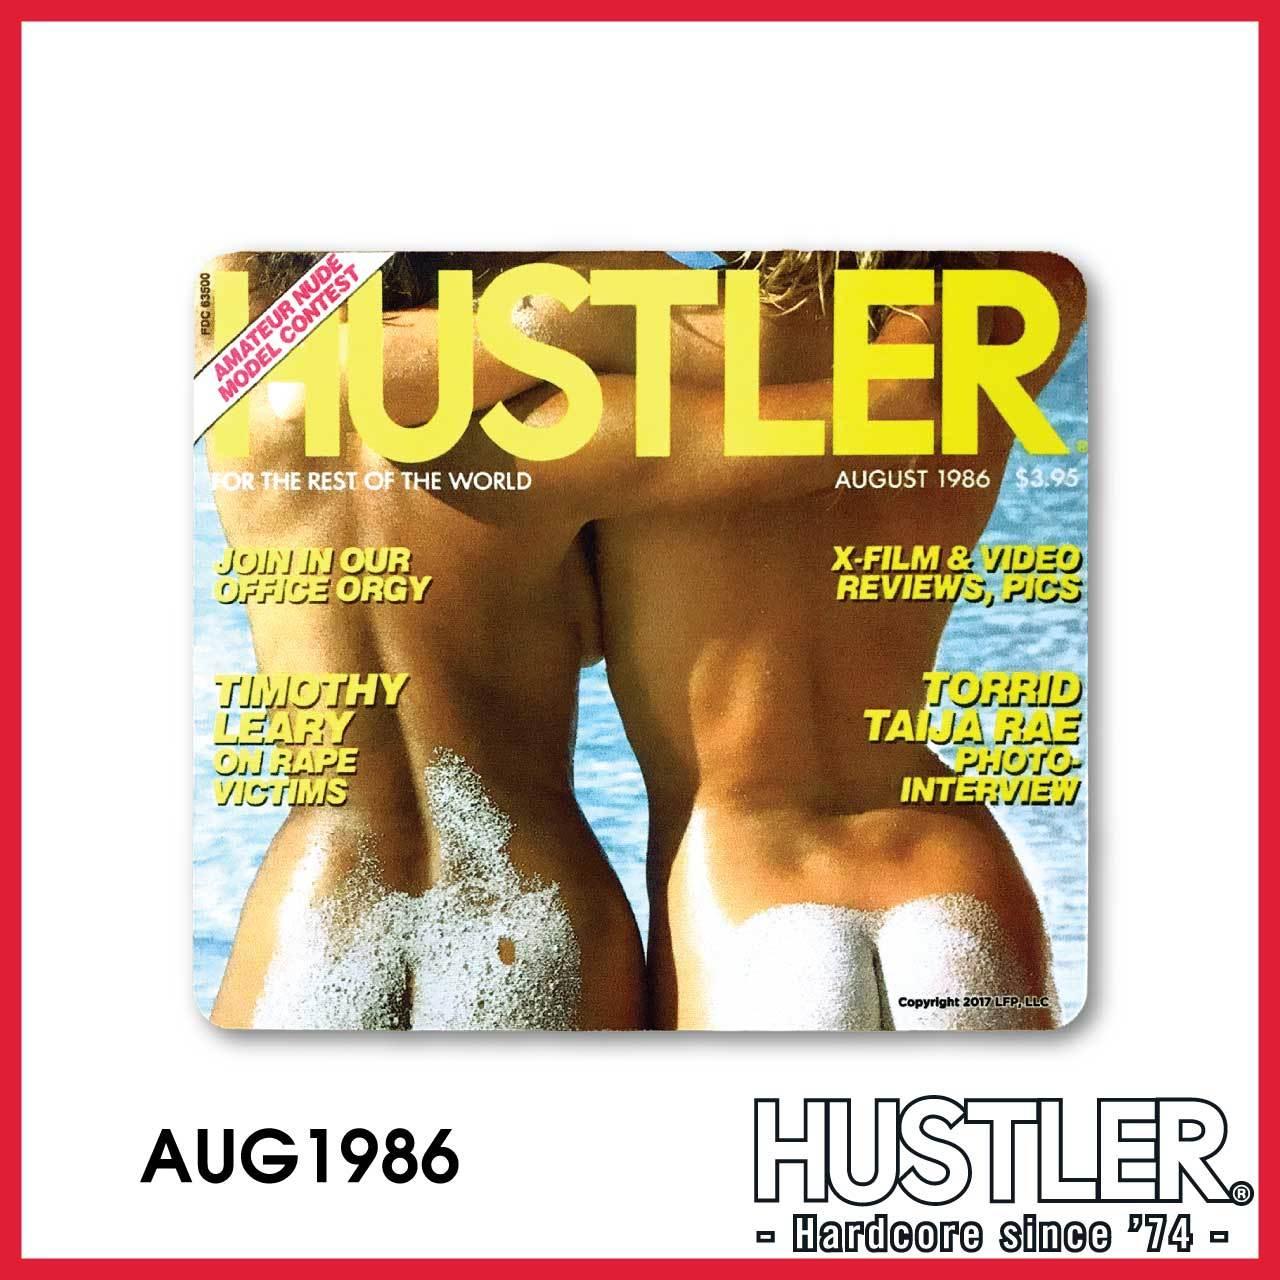 HUSTLER MOUSE PAD(ハスラー・マウスパッド) / AUGUST 1986 カバー